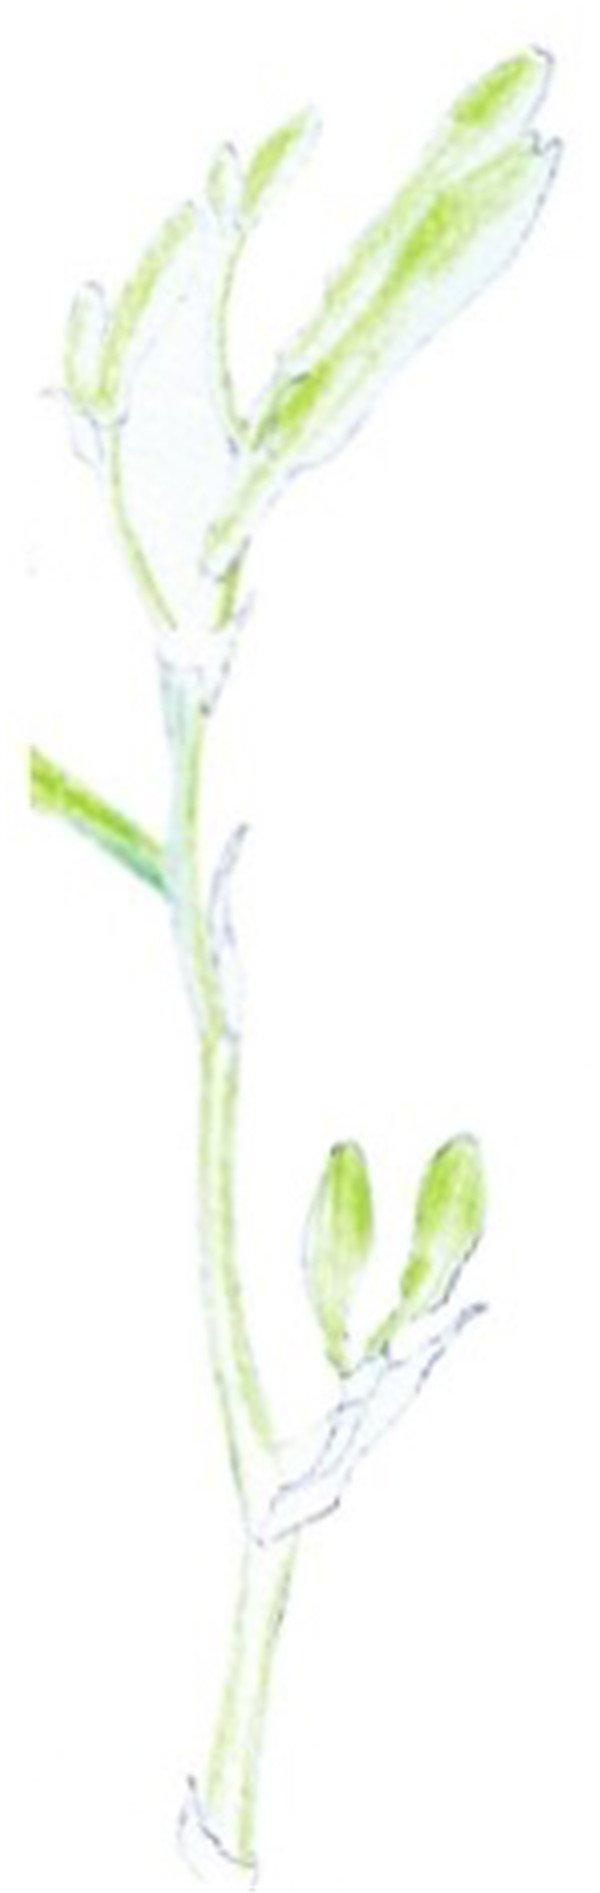 水粉画花卉入门:萱草的绘画步骤教程(4)